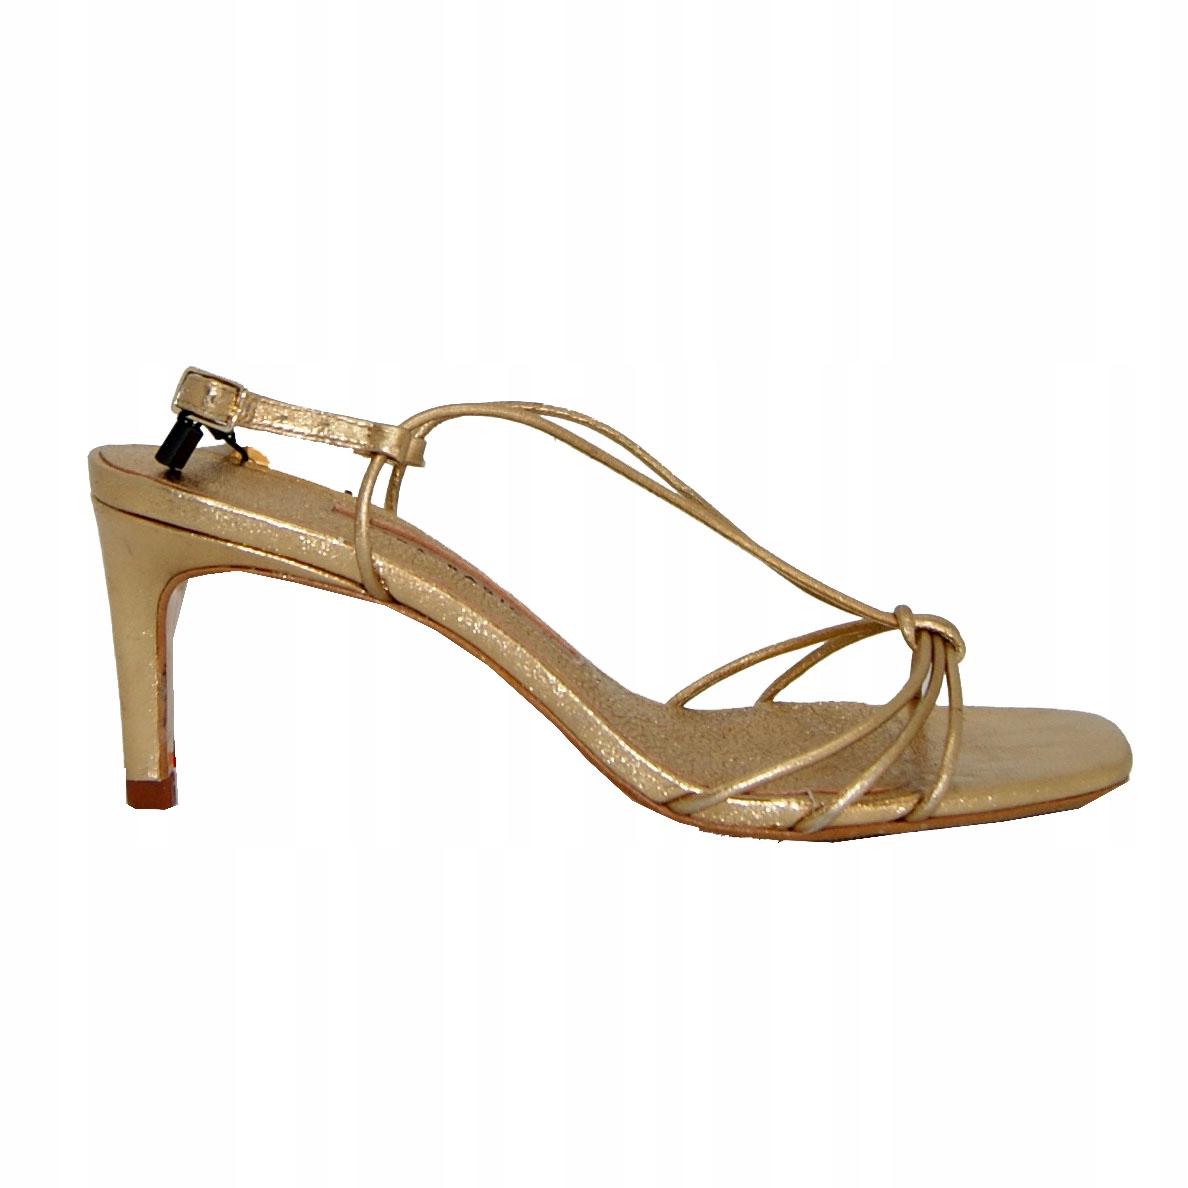 Sandały ZARA Basic, szpilki złote ,skóra roz 35